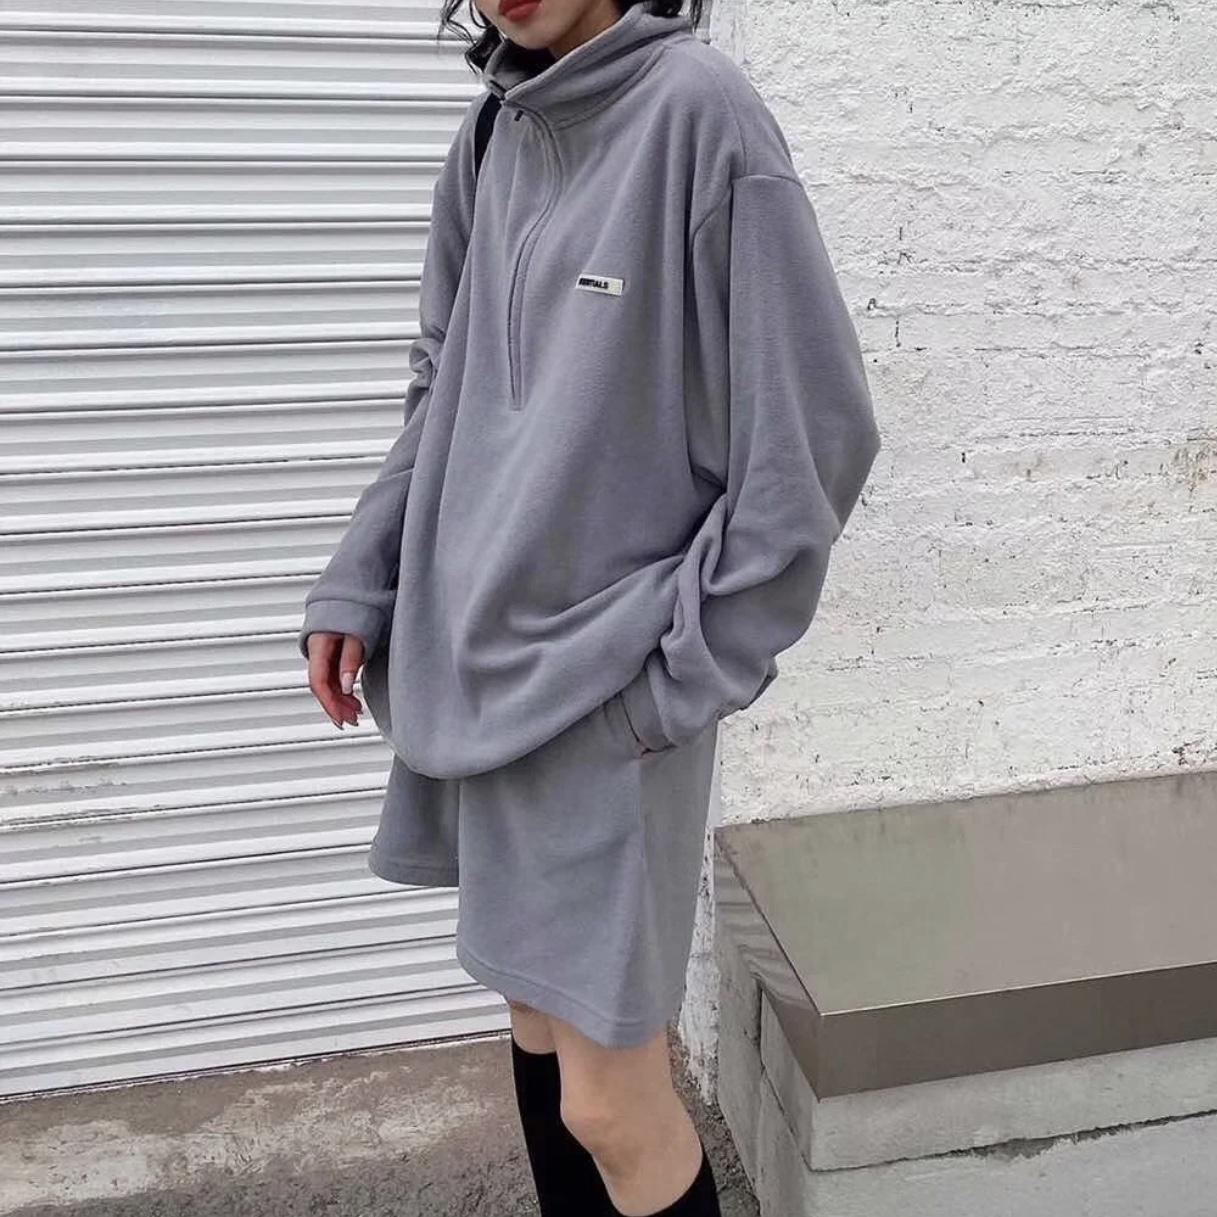 潮牌皮标字母男女宽松高街休闲抽绳摇粒绒短裤 复线  FOG Essentials